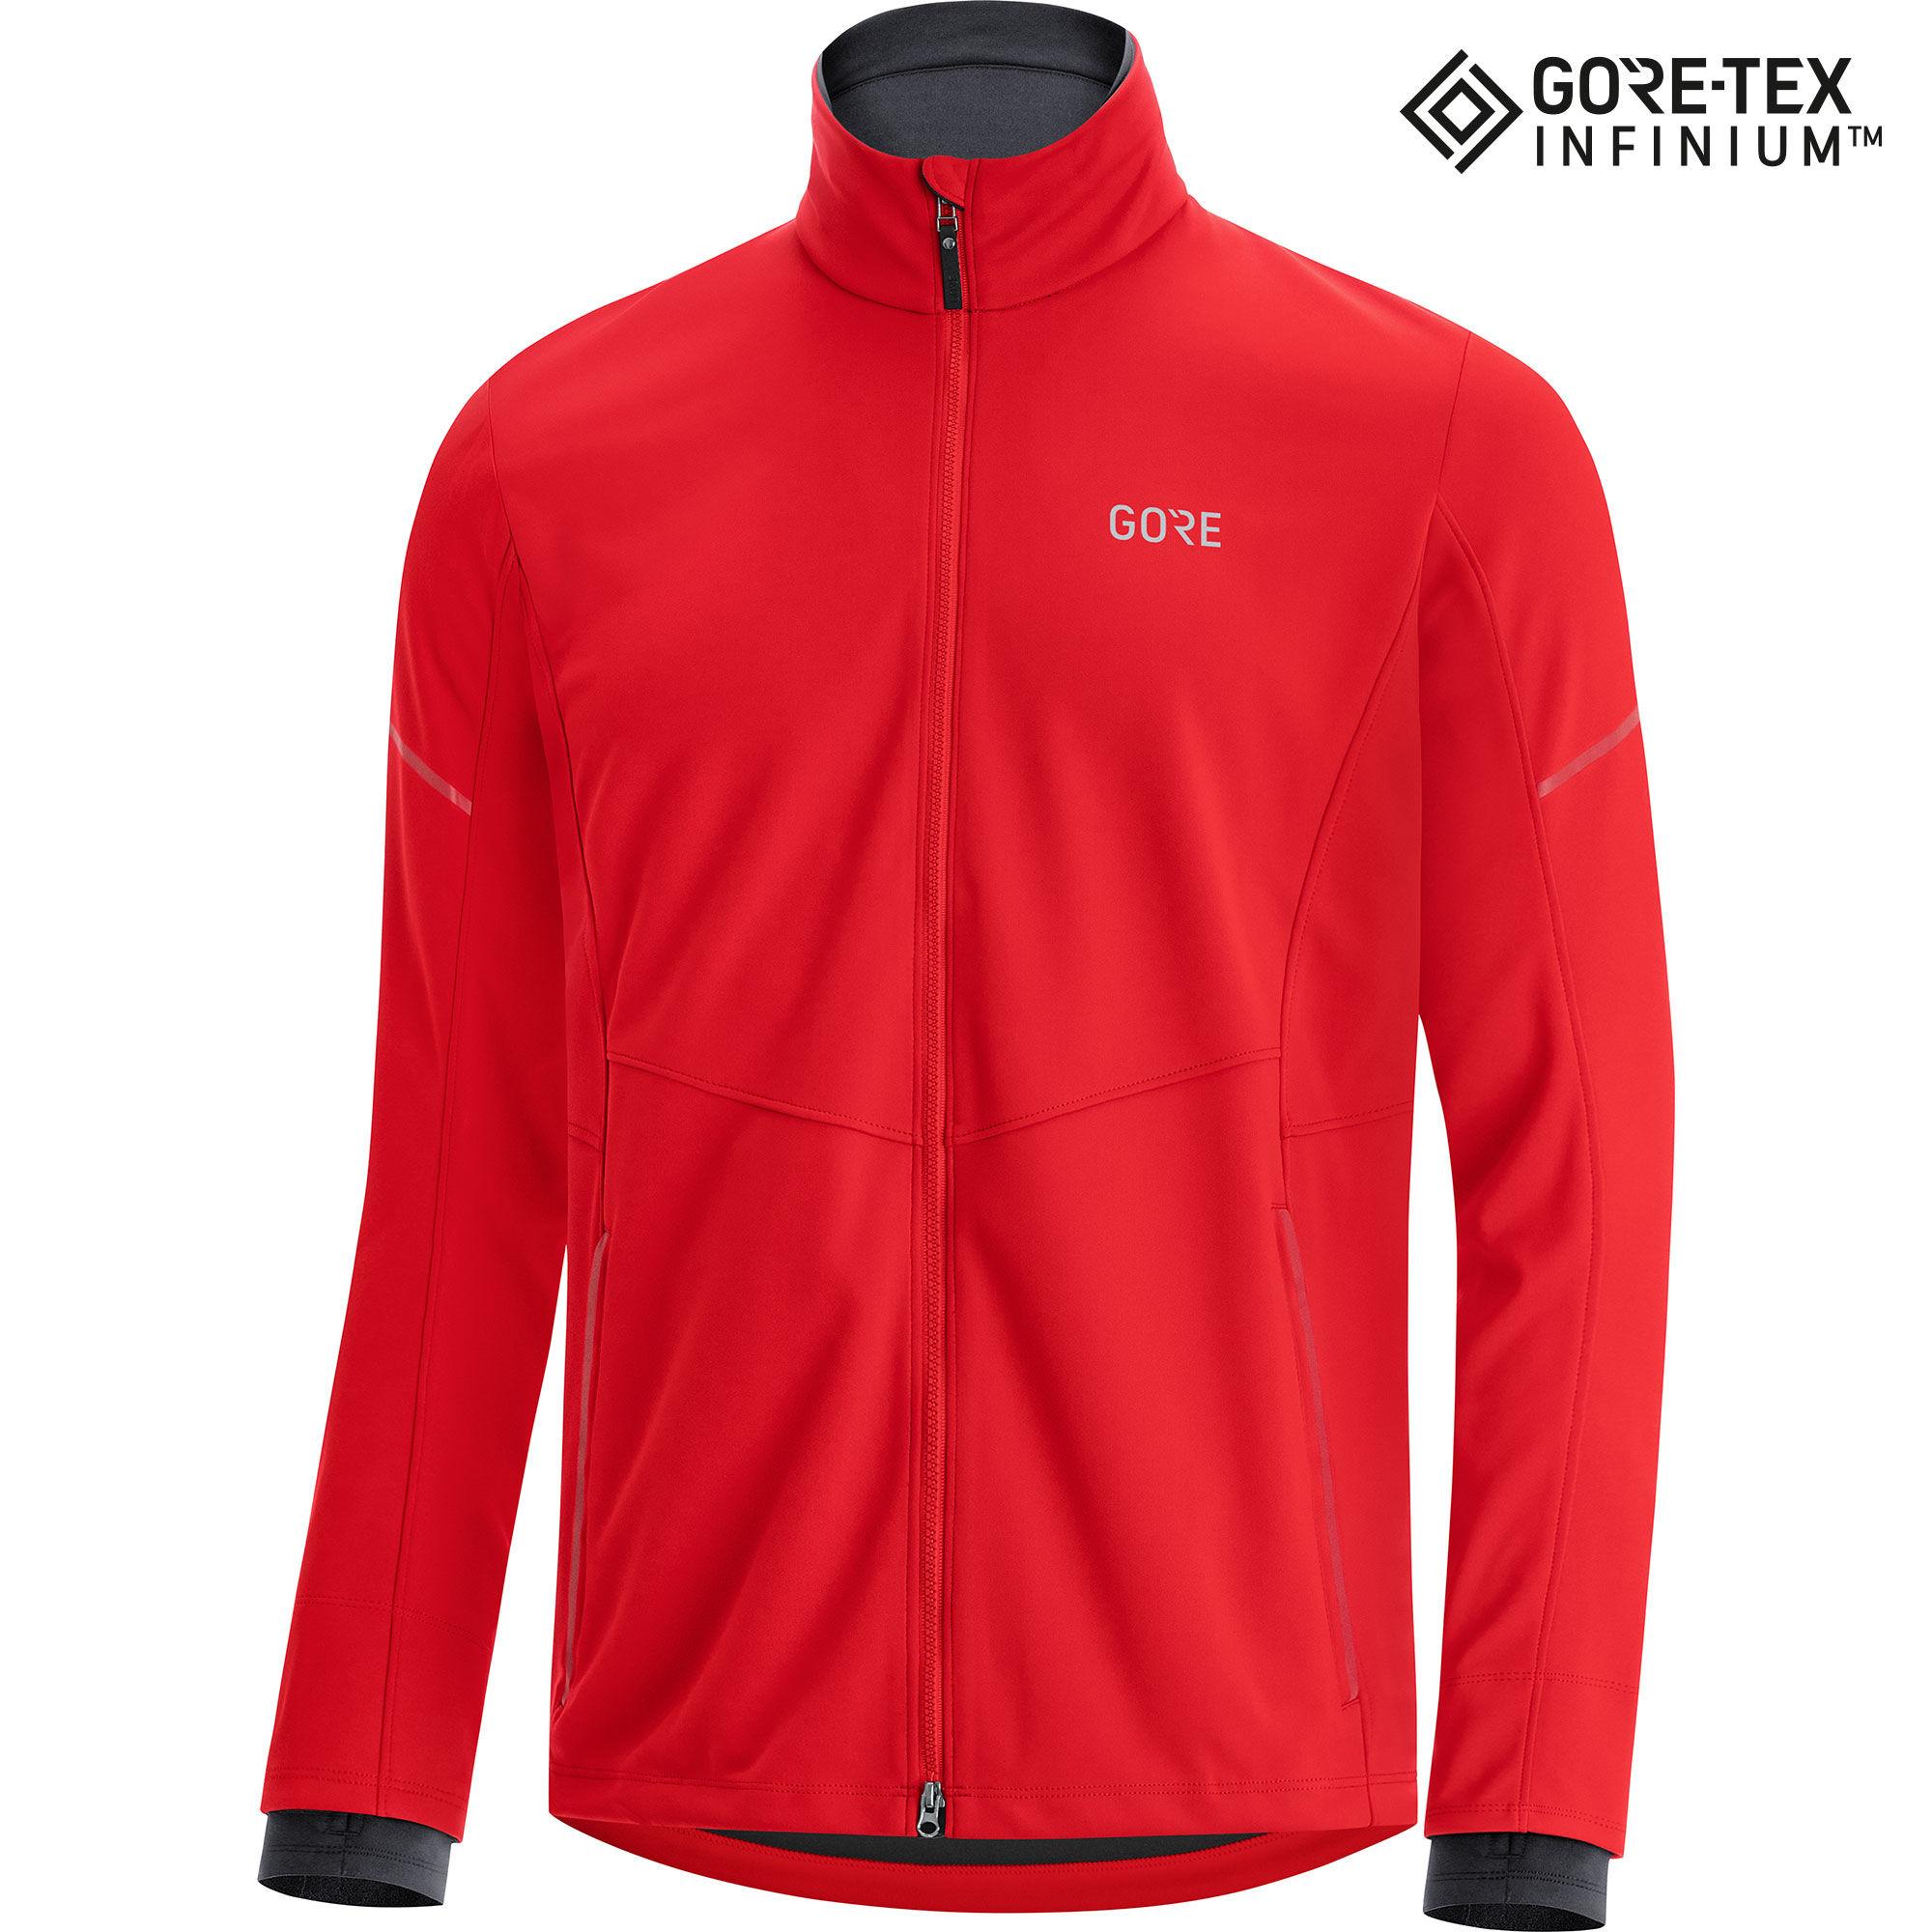 Gore R5 Gore-Tex Infinium Jacket (Rot)